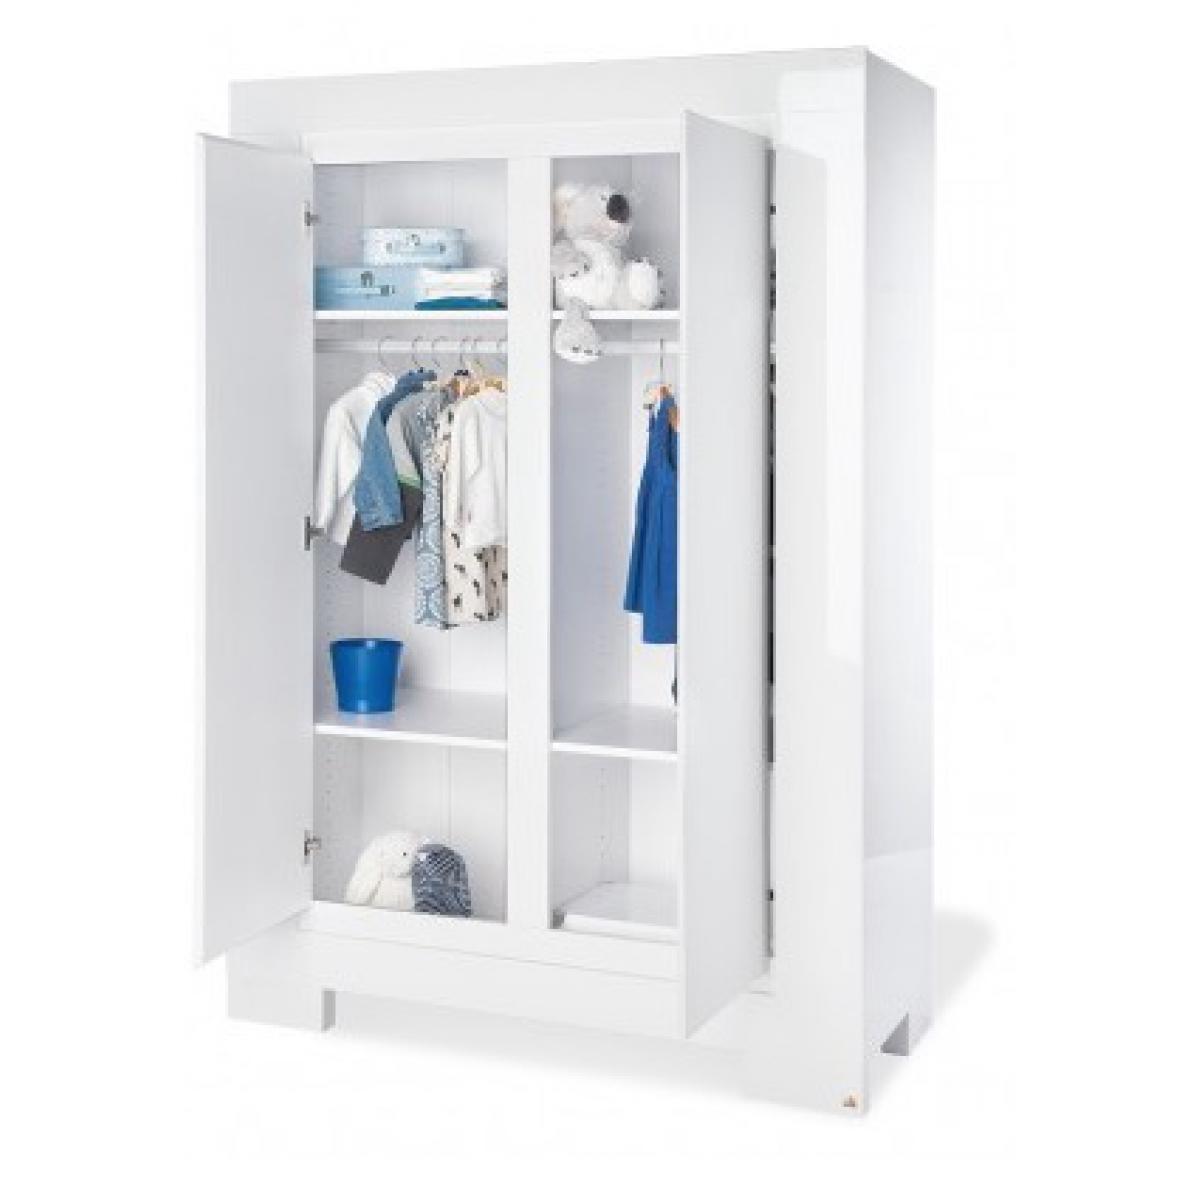 Pinolino Pinolino Chambre de bébé Sky 3 pièces lit de bébé évolutif commode à langer armoire à 2 portes